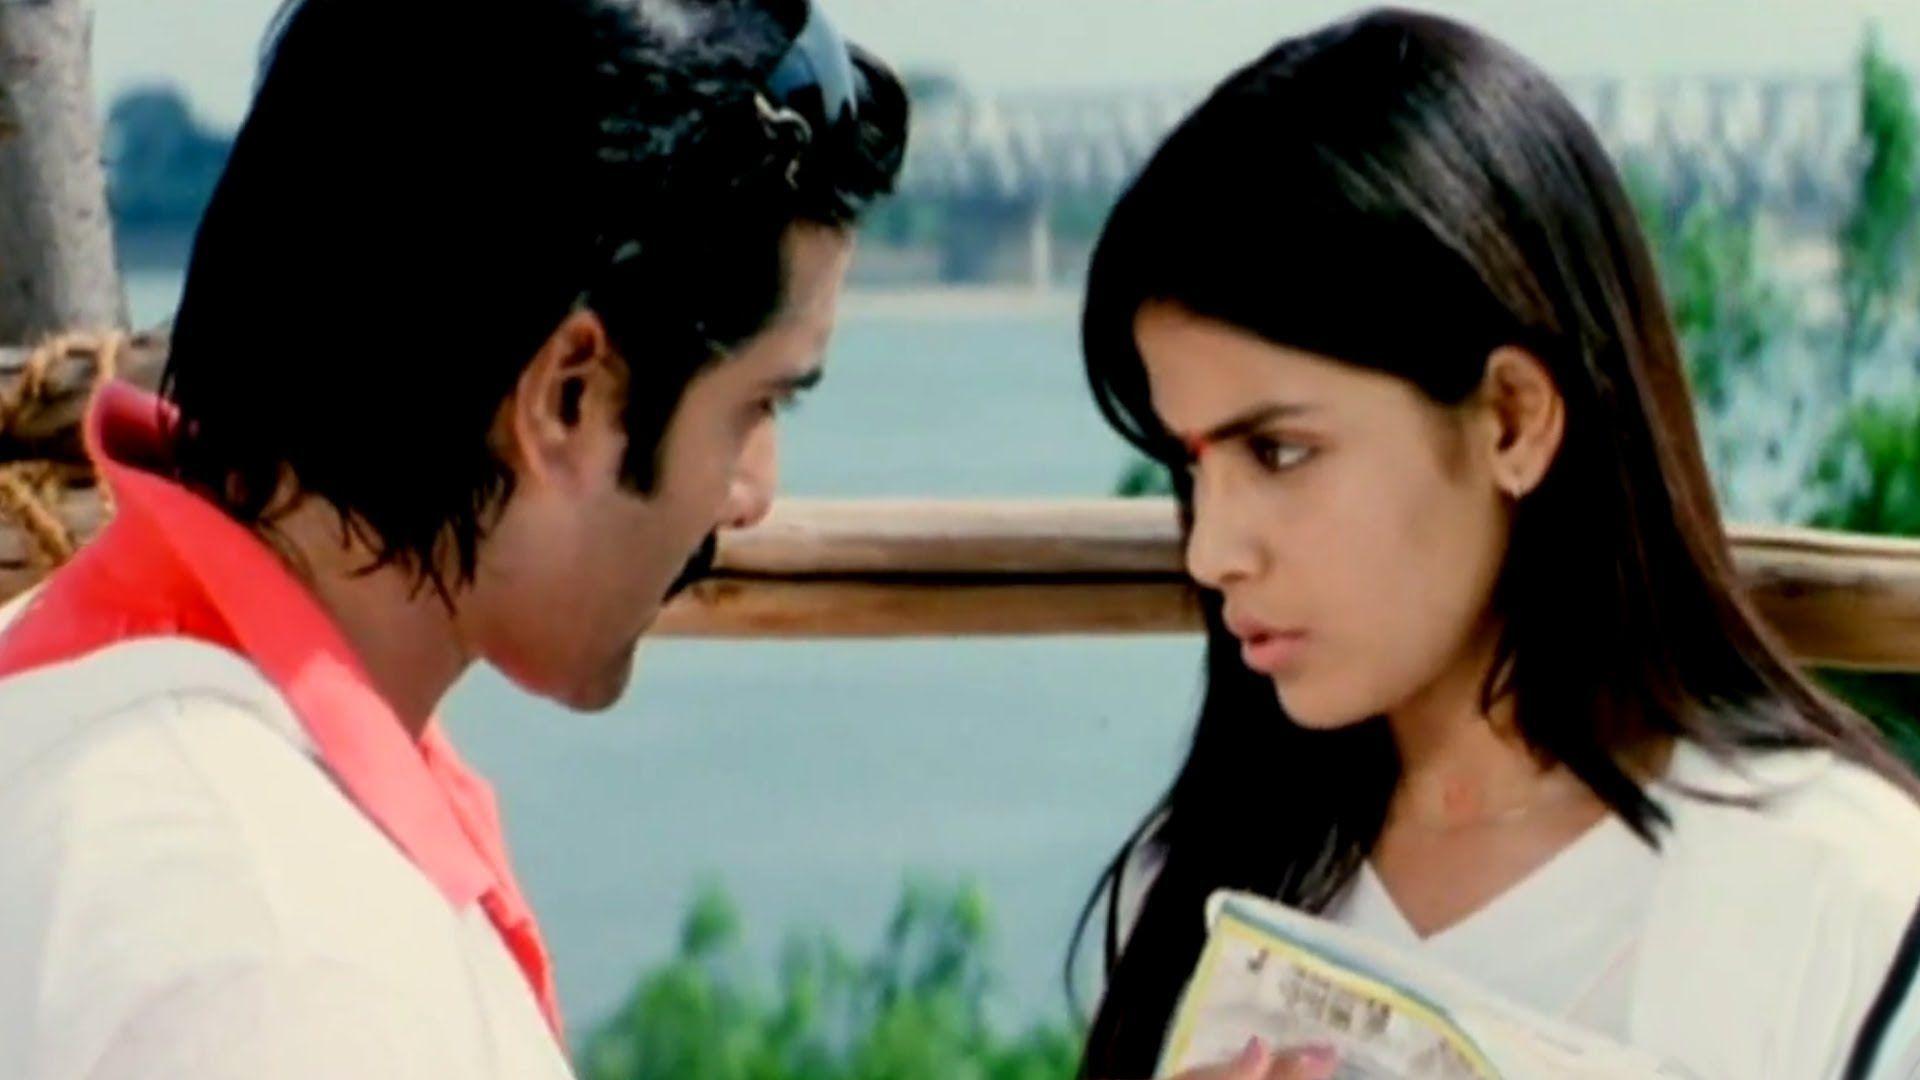 sasirekha parinayam full movie free download